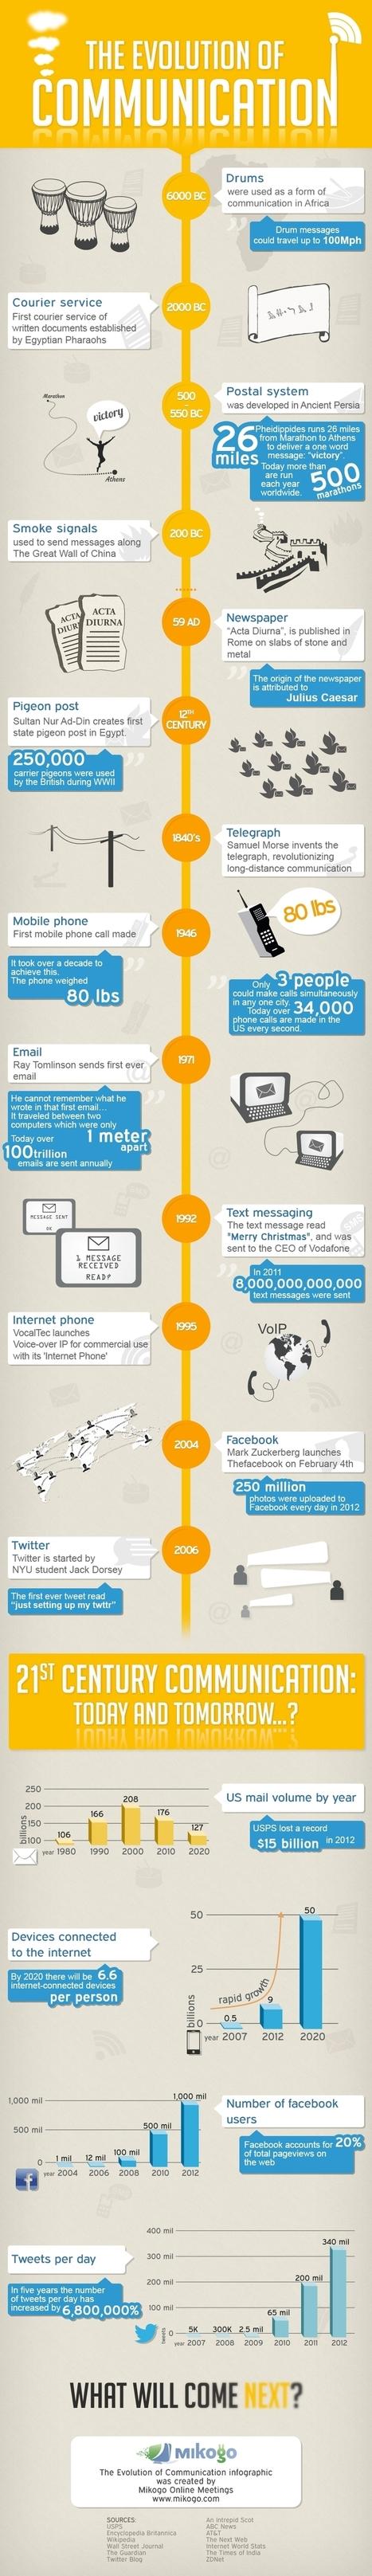 De las palomas mensajeras a Twitter: La evolución de la Comunicación [Infografía] | Comunicación Estratégica y Relaciones Públicas | Scoop.it